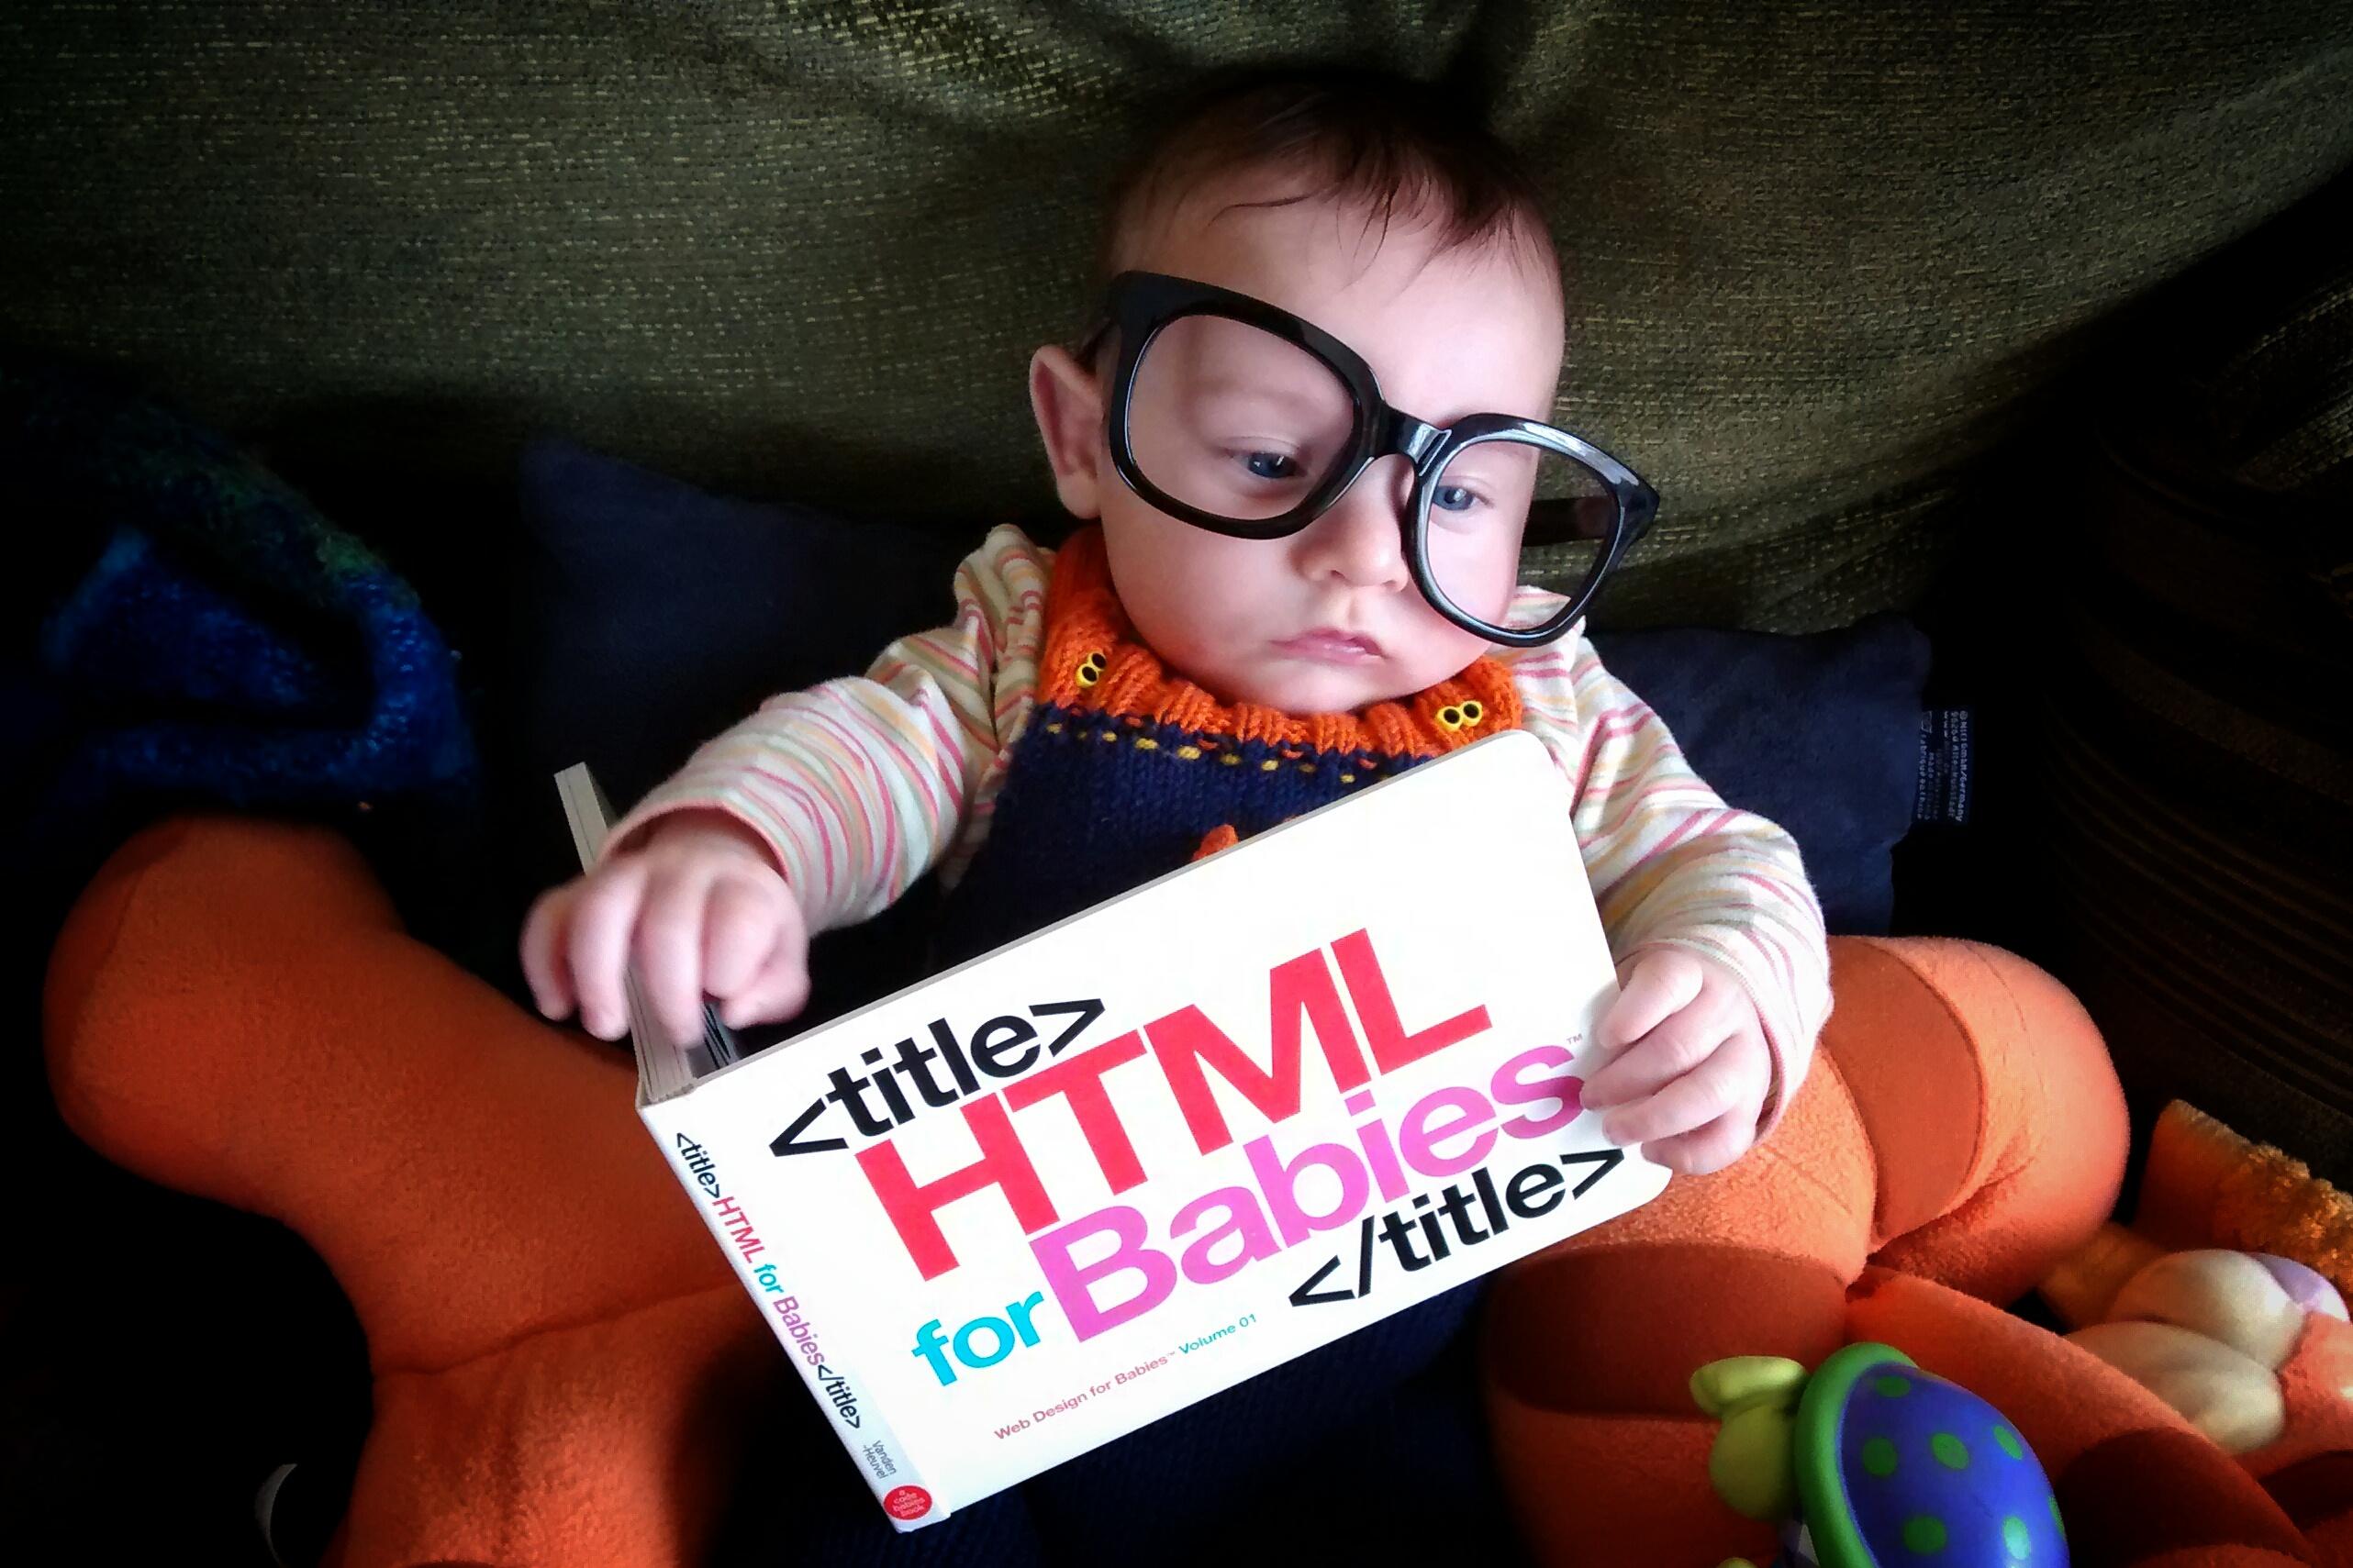 Por qué es bueno aprender a programar desde pequeños